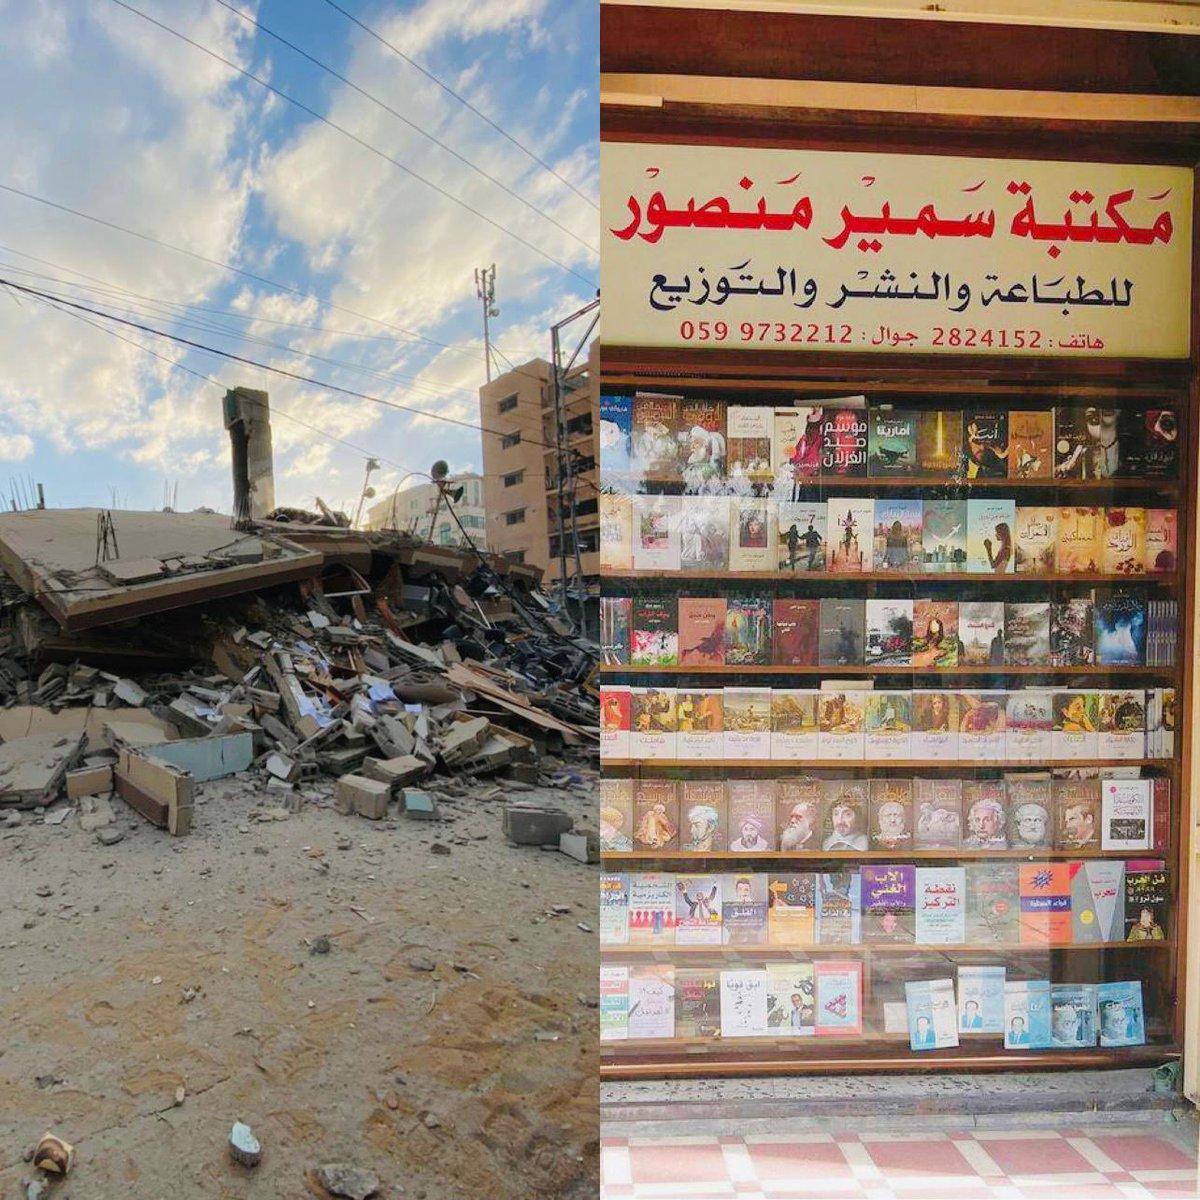 Gaza under attack 2021